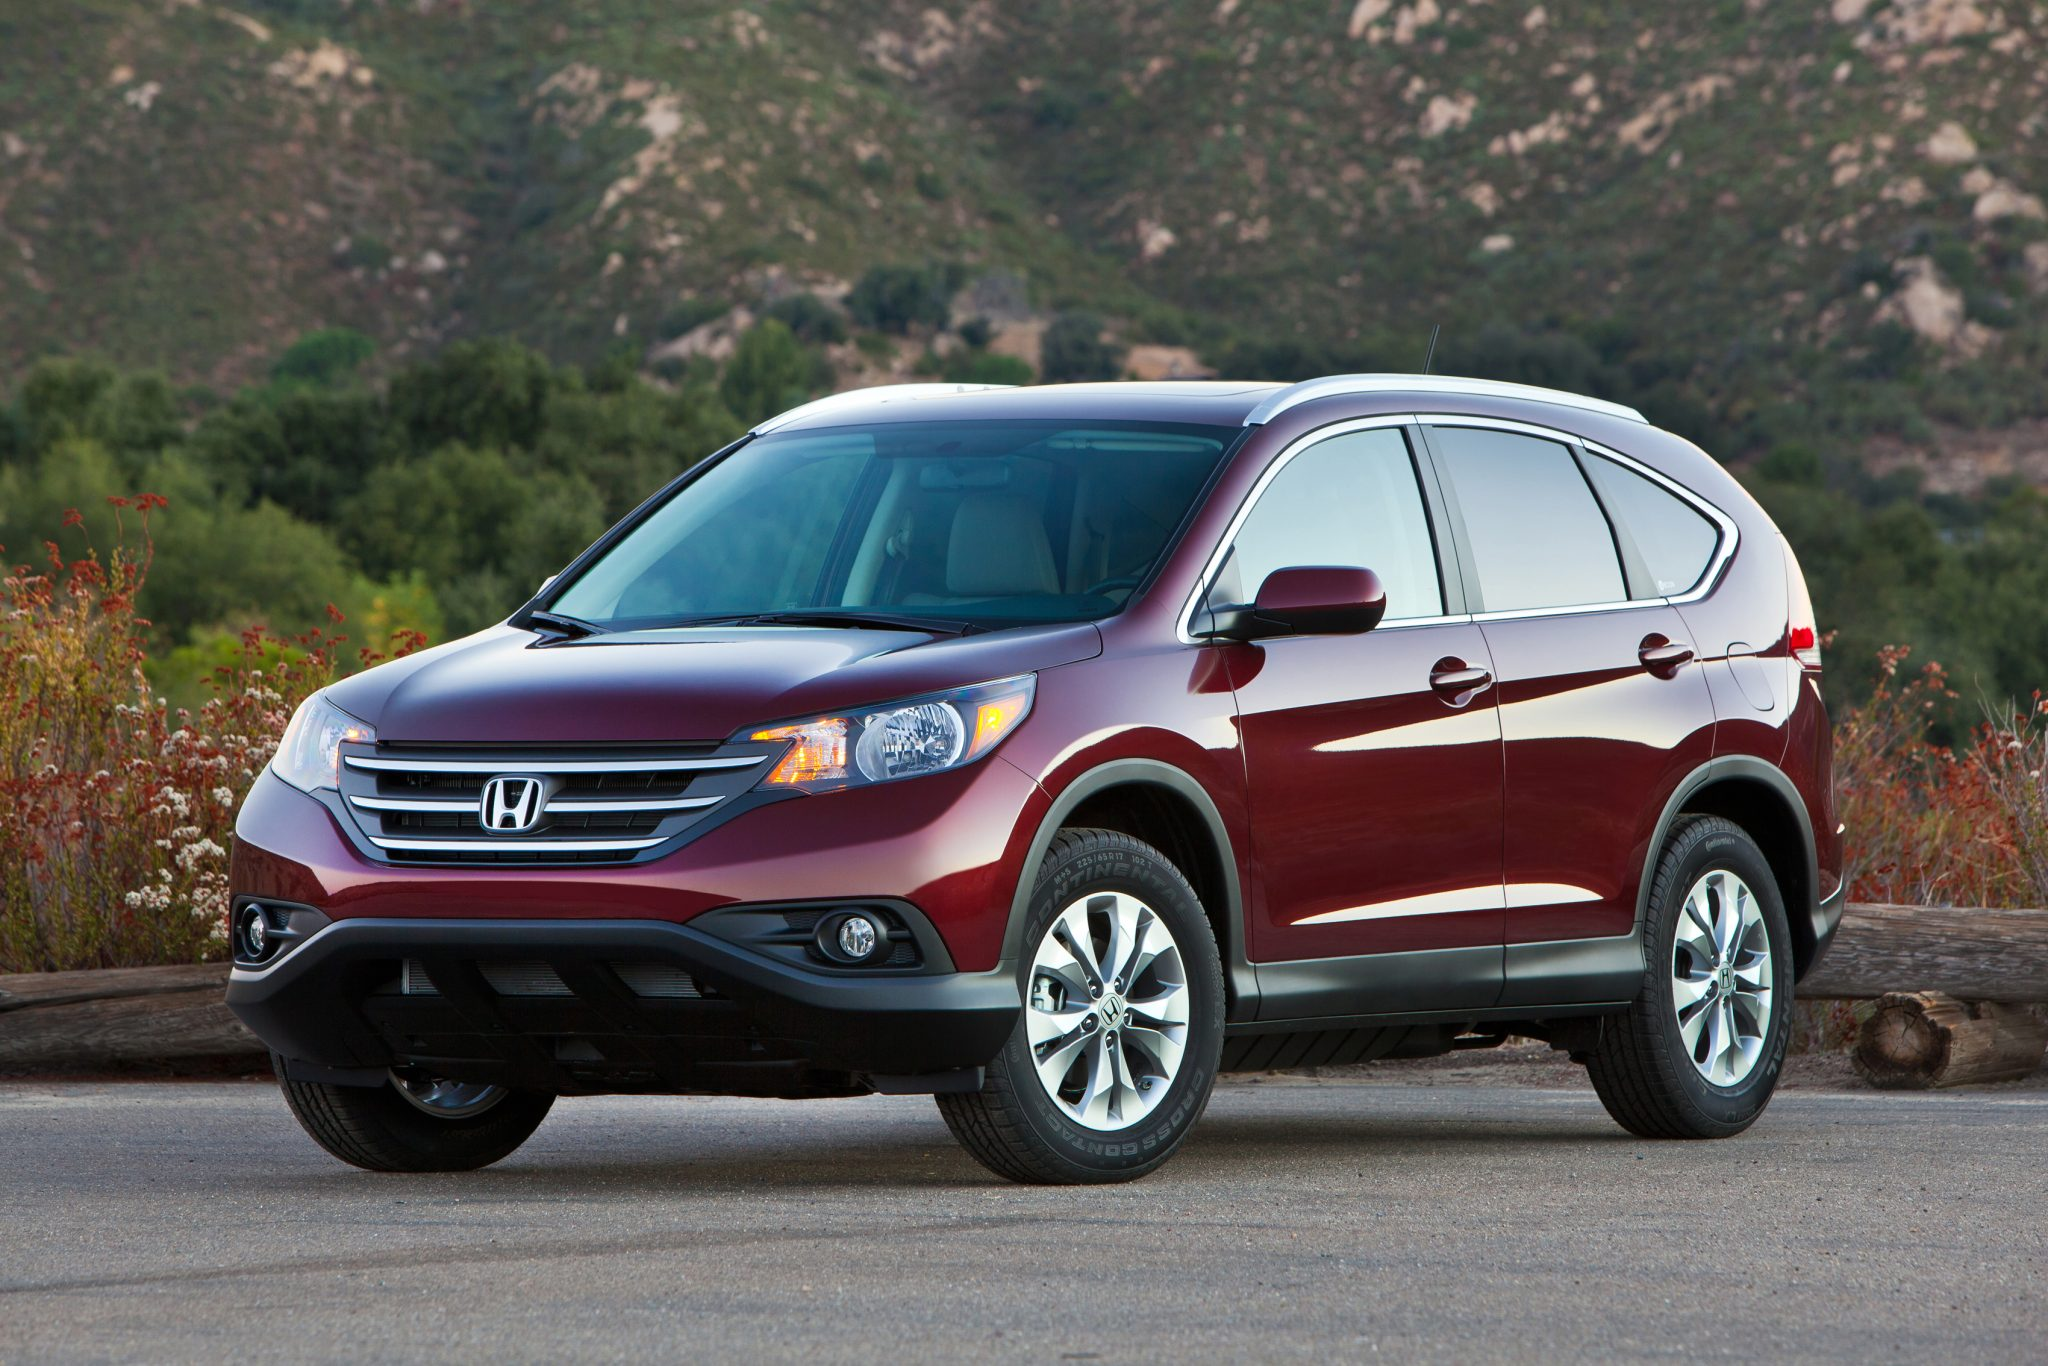 2013 Honda CR-V Overview